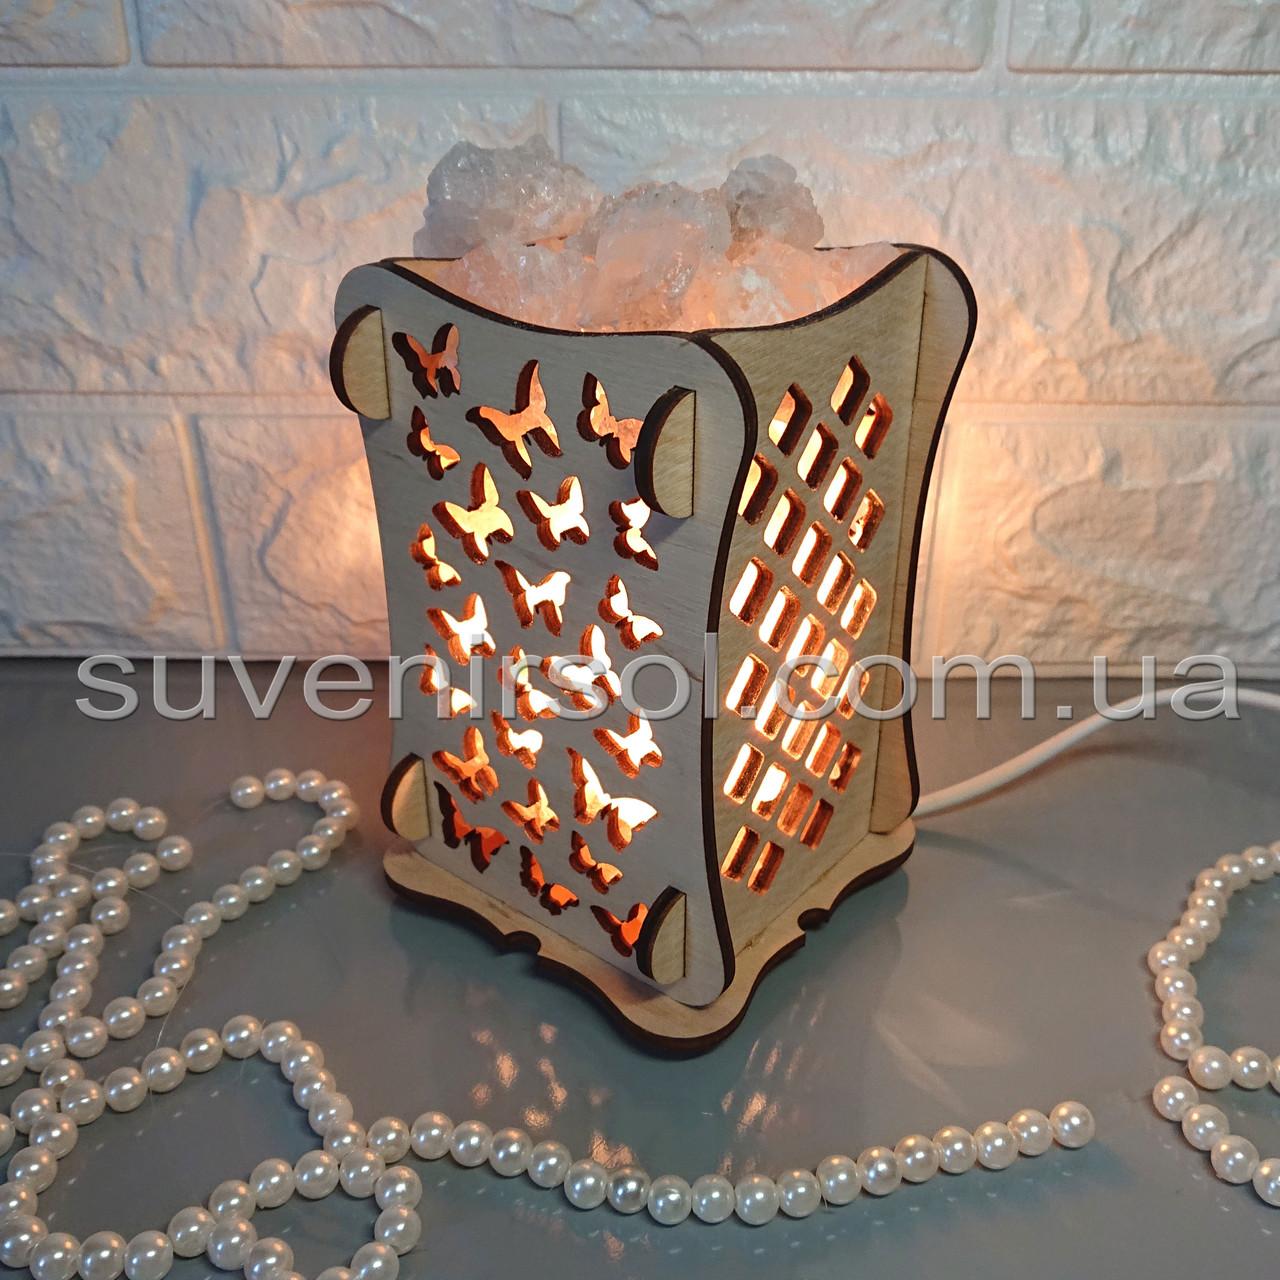 Соляной светильник Деревянный камин Бабочки